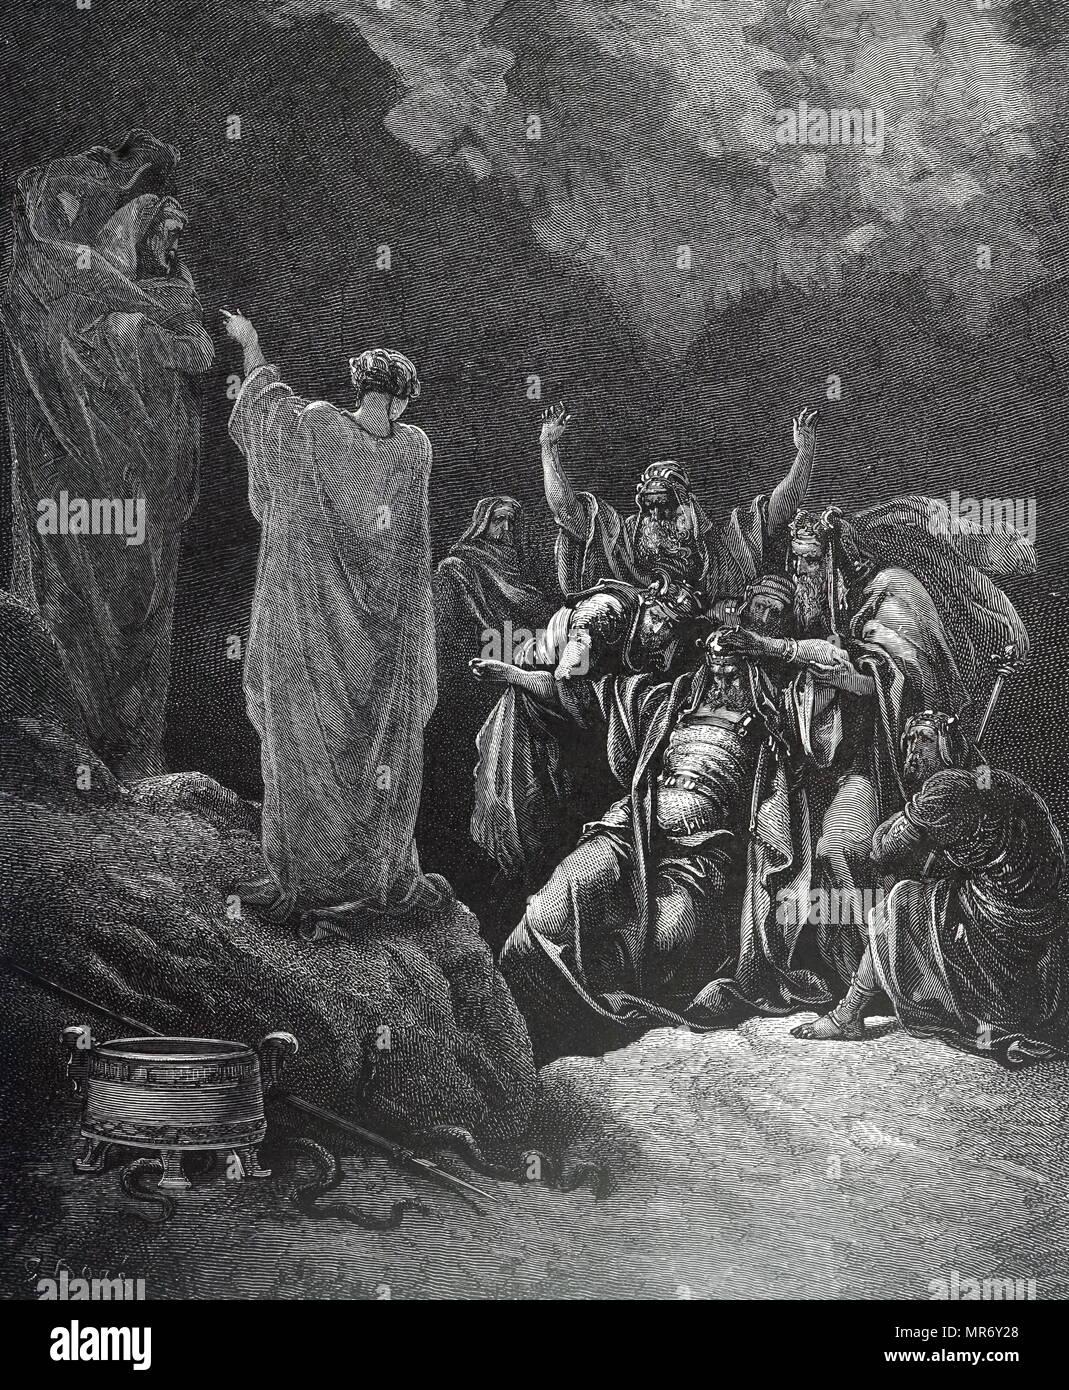 """Gravur mit Saul und die Hexe von Endor. Saul versucht mit den toten Samuel durch die Hexe von Endor zu kommunizieren. Sie bringt Samuel """"aus der Erde"""" (nekromantie) Saul hat versprochen, keine Maßnahmen gegen sie als Hexe. Vom 19. Jahrhundert Stockbild"""